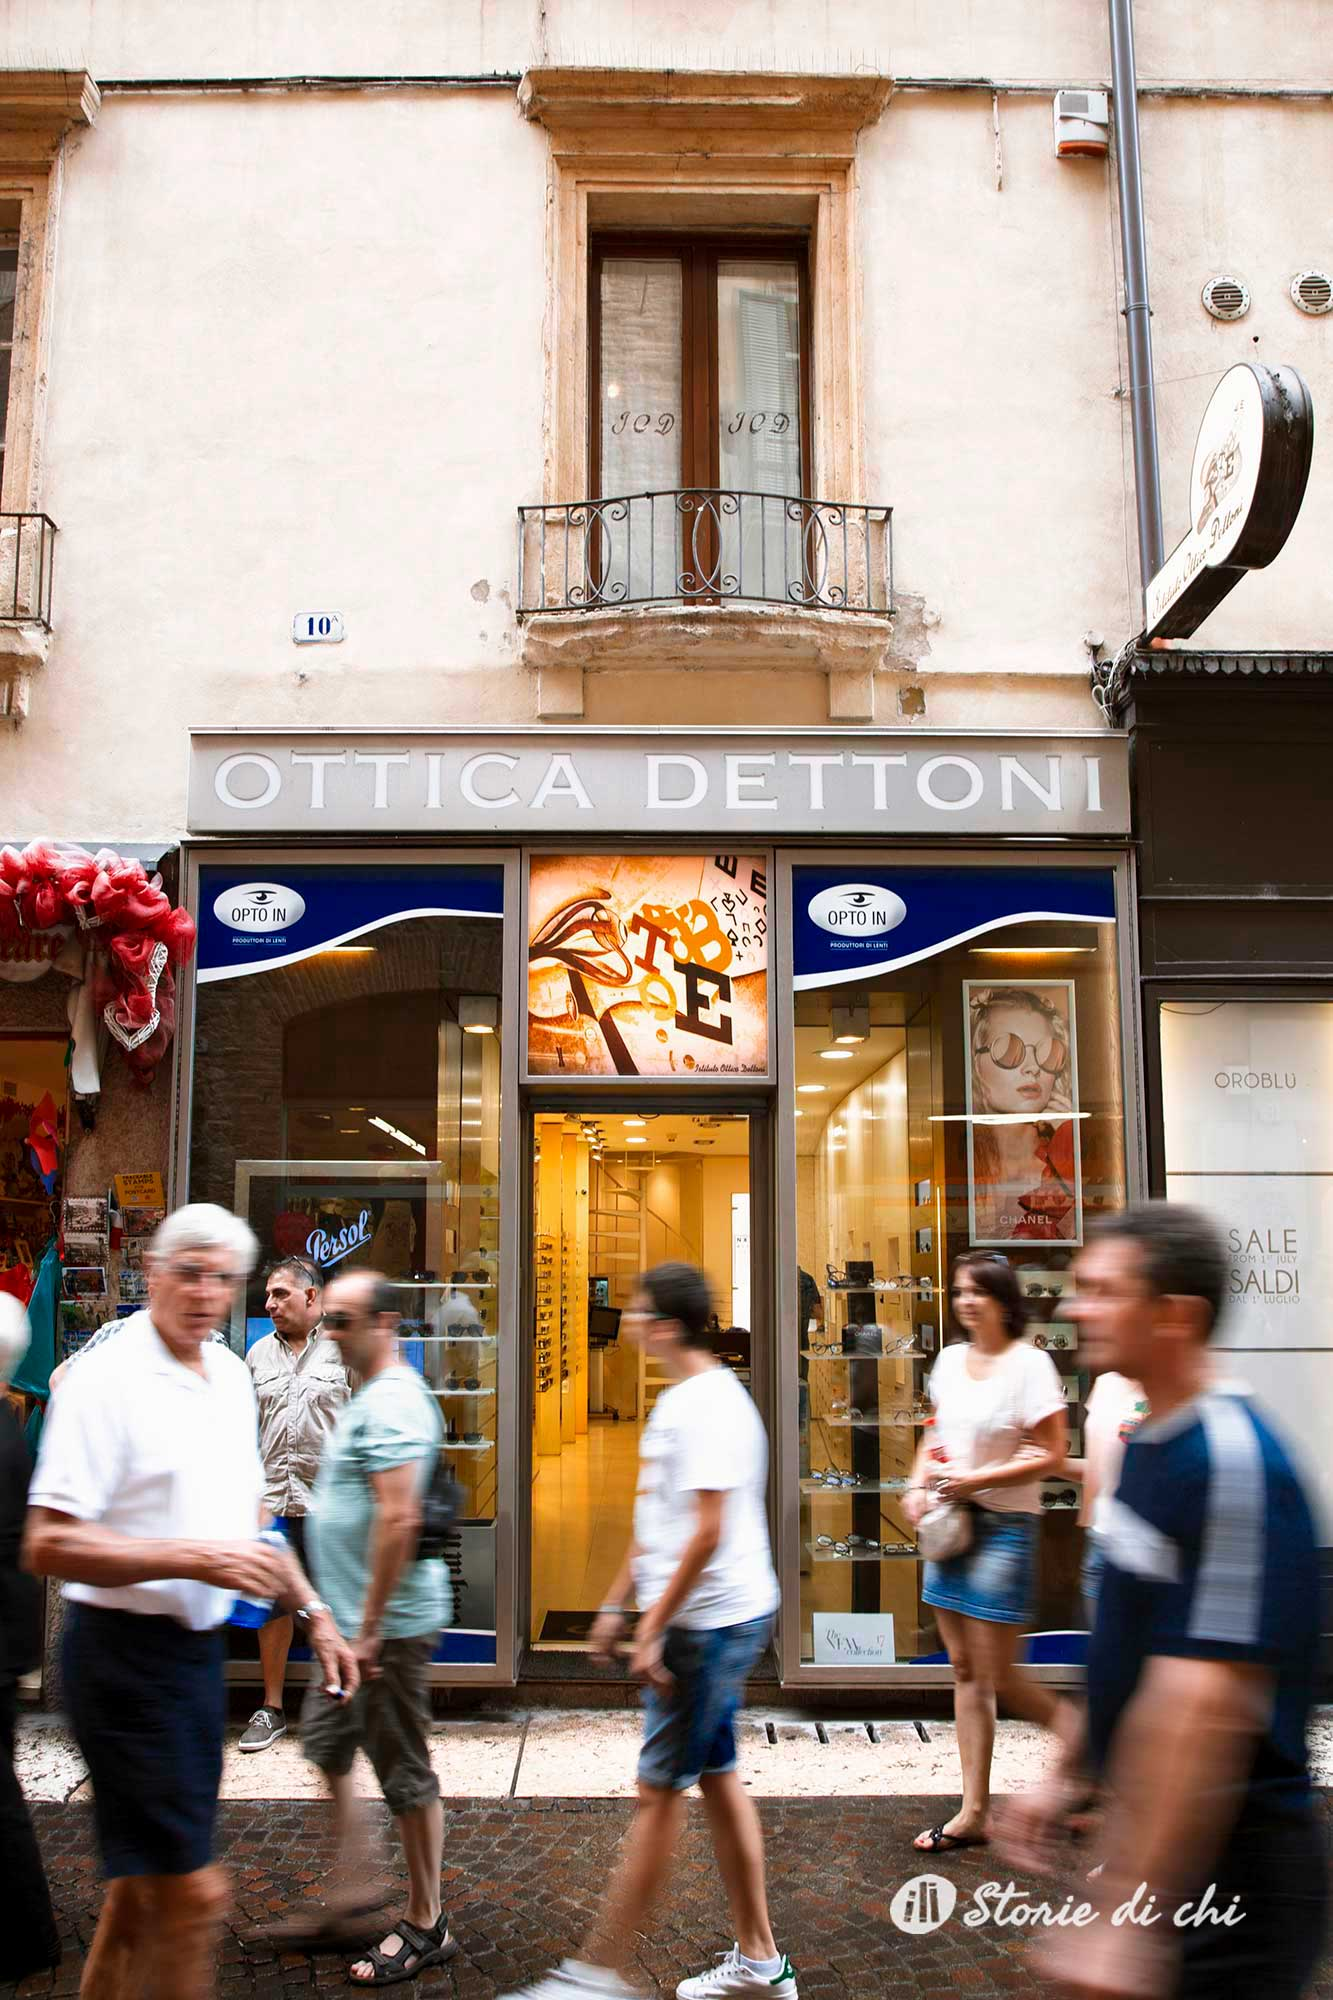 Ottica_Dettoni_Verona_05